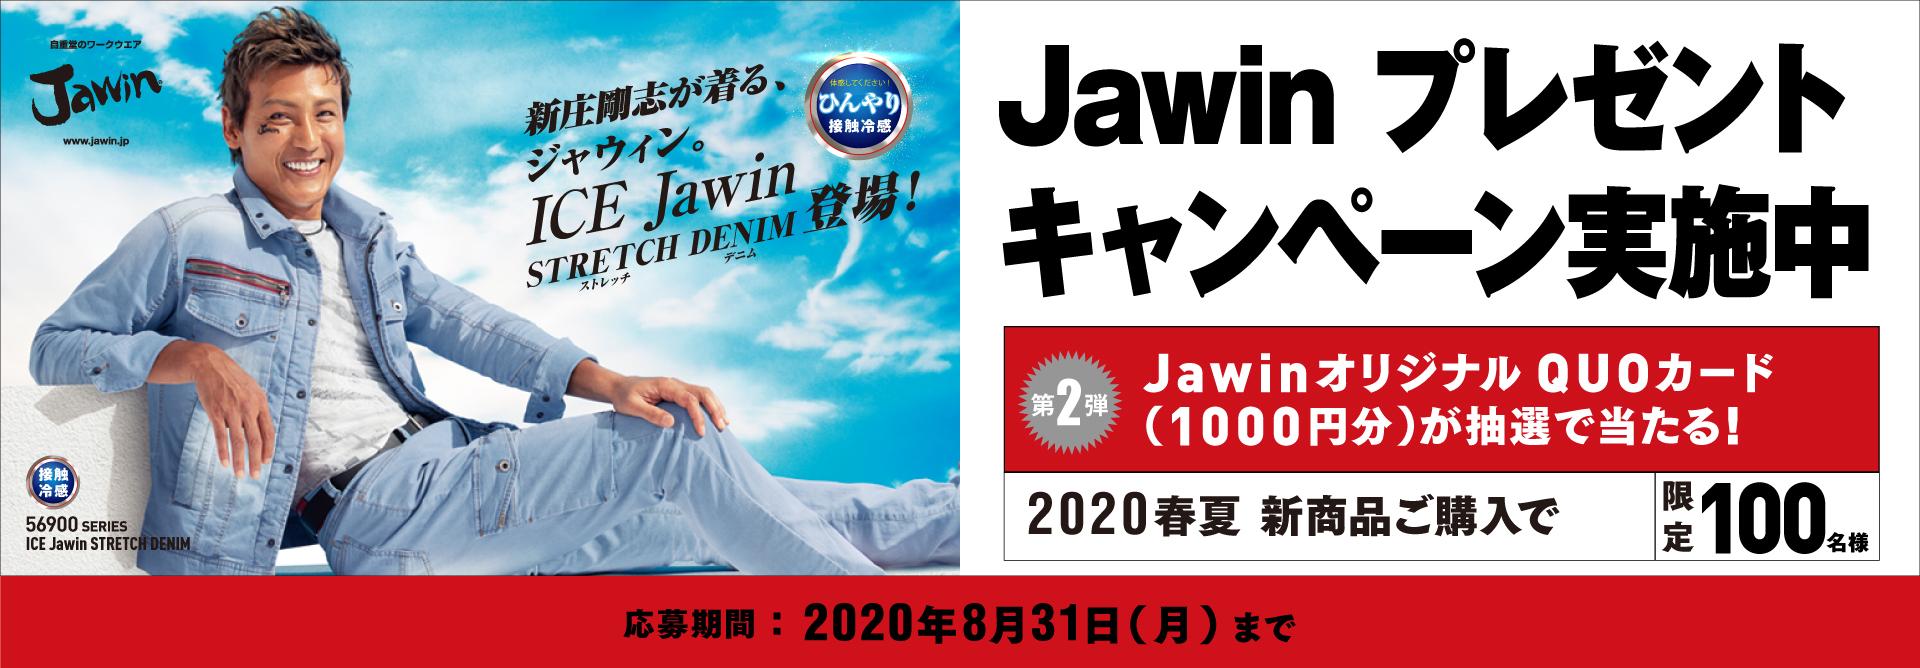 新庄剛志が着る、ジャウィン。新商品の予約購入限定、オリジナルQUOカードが抽選100名様に当たるキャンペーン!